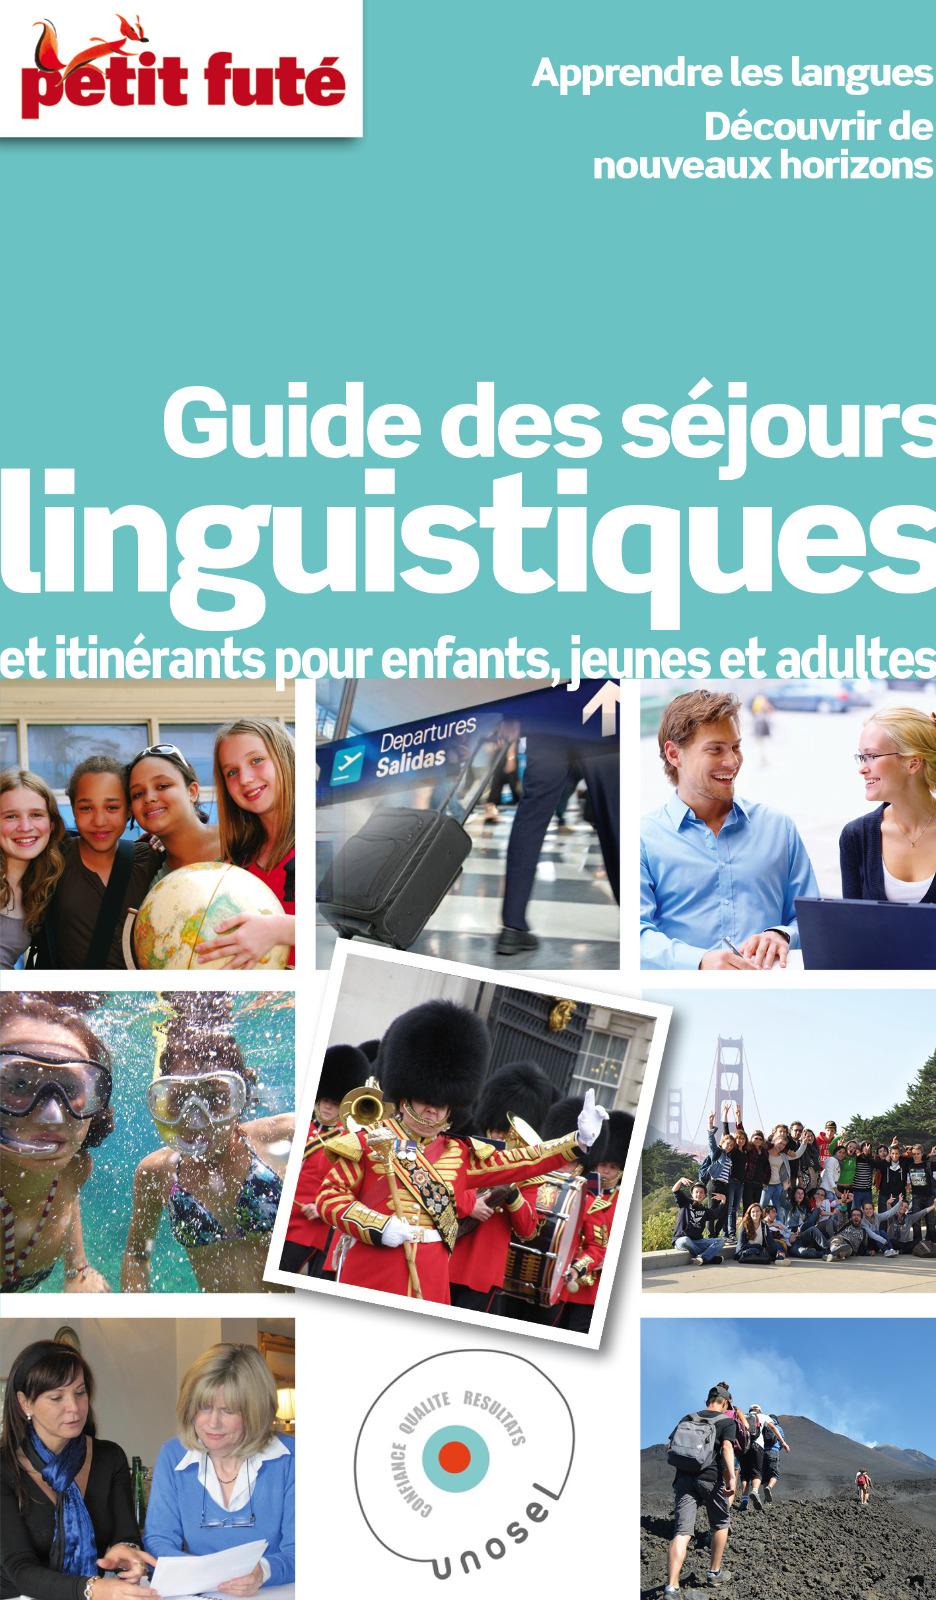 Guide des s?jours linguistiques 2015 Petit Fut?